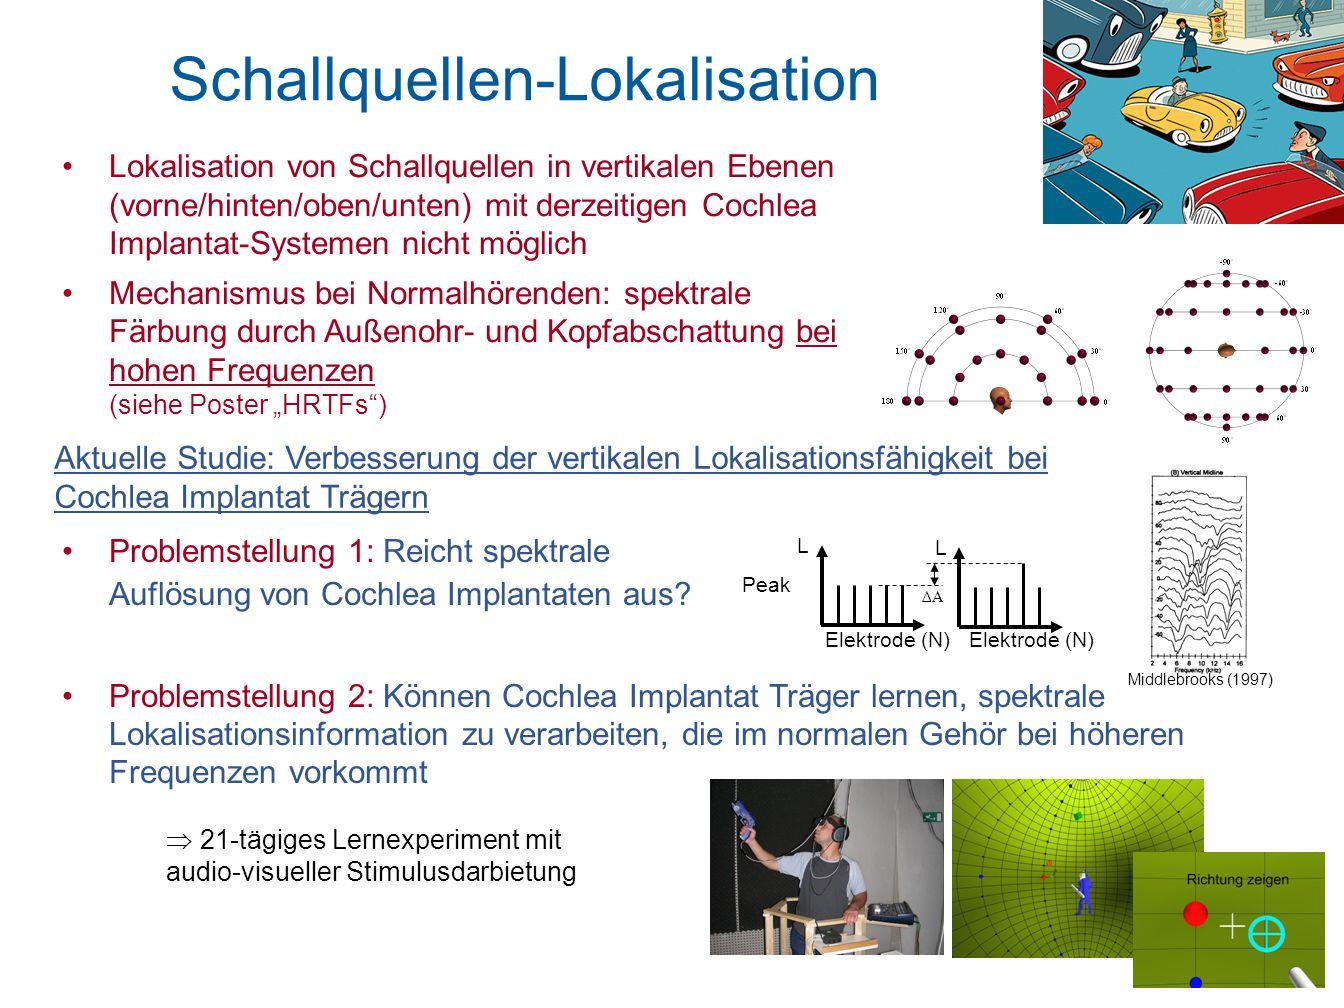 Schallquellen-Lokalisation